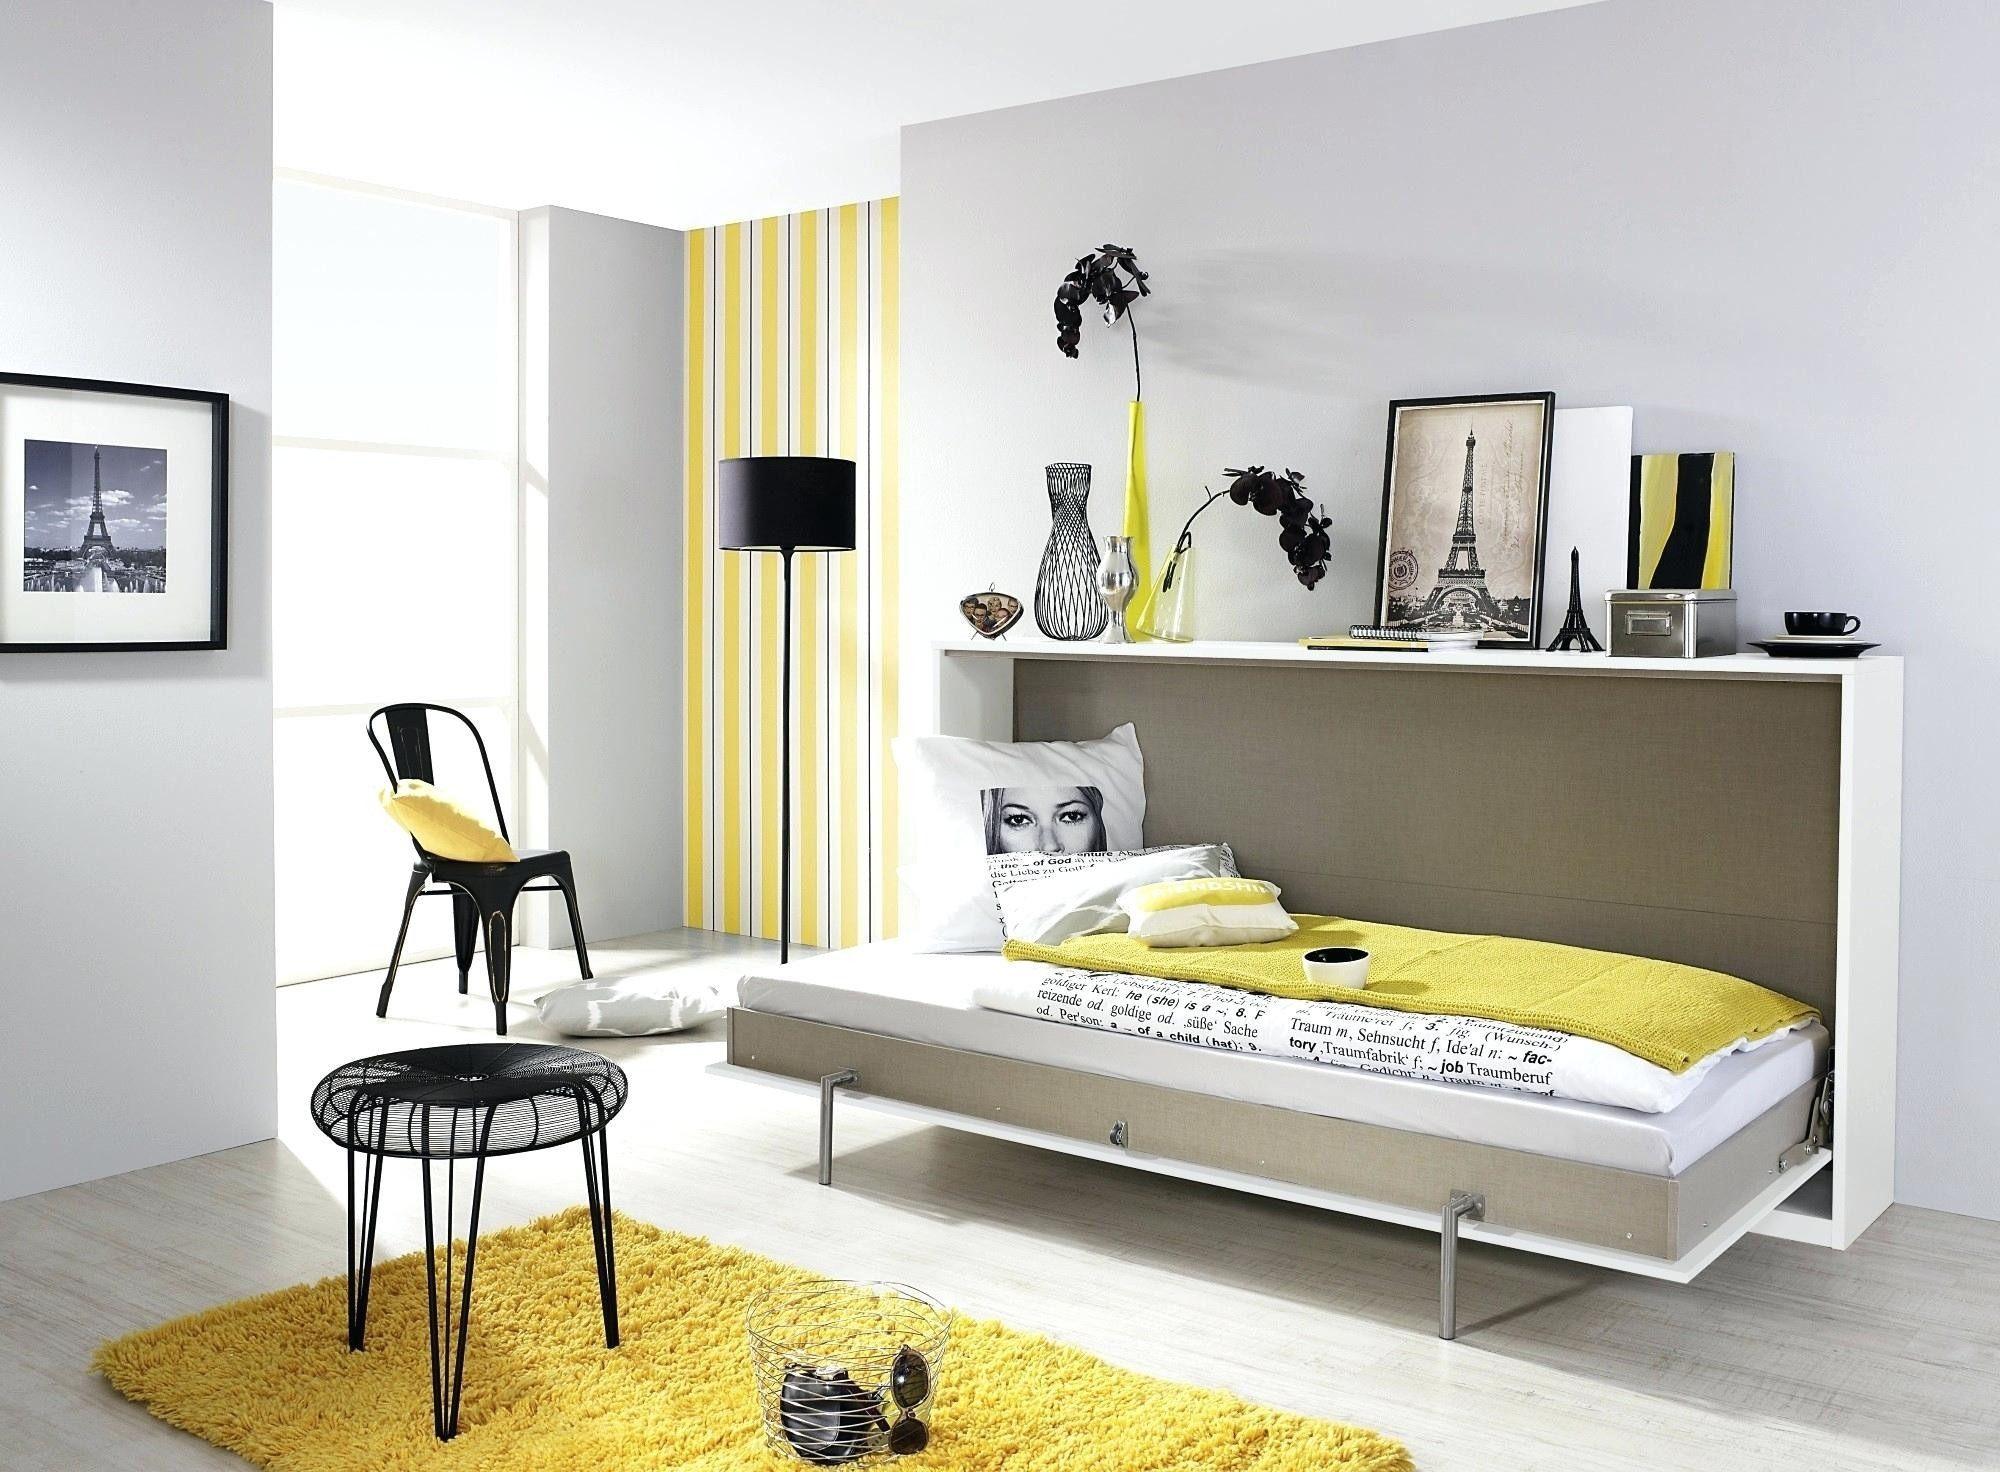 Fauteuil Lit Ikea Inspirant Ikea Maroc Fauteuil Lit 1 Personne Nouveau Bz 2 Places Cheap Ikea U